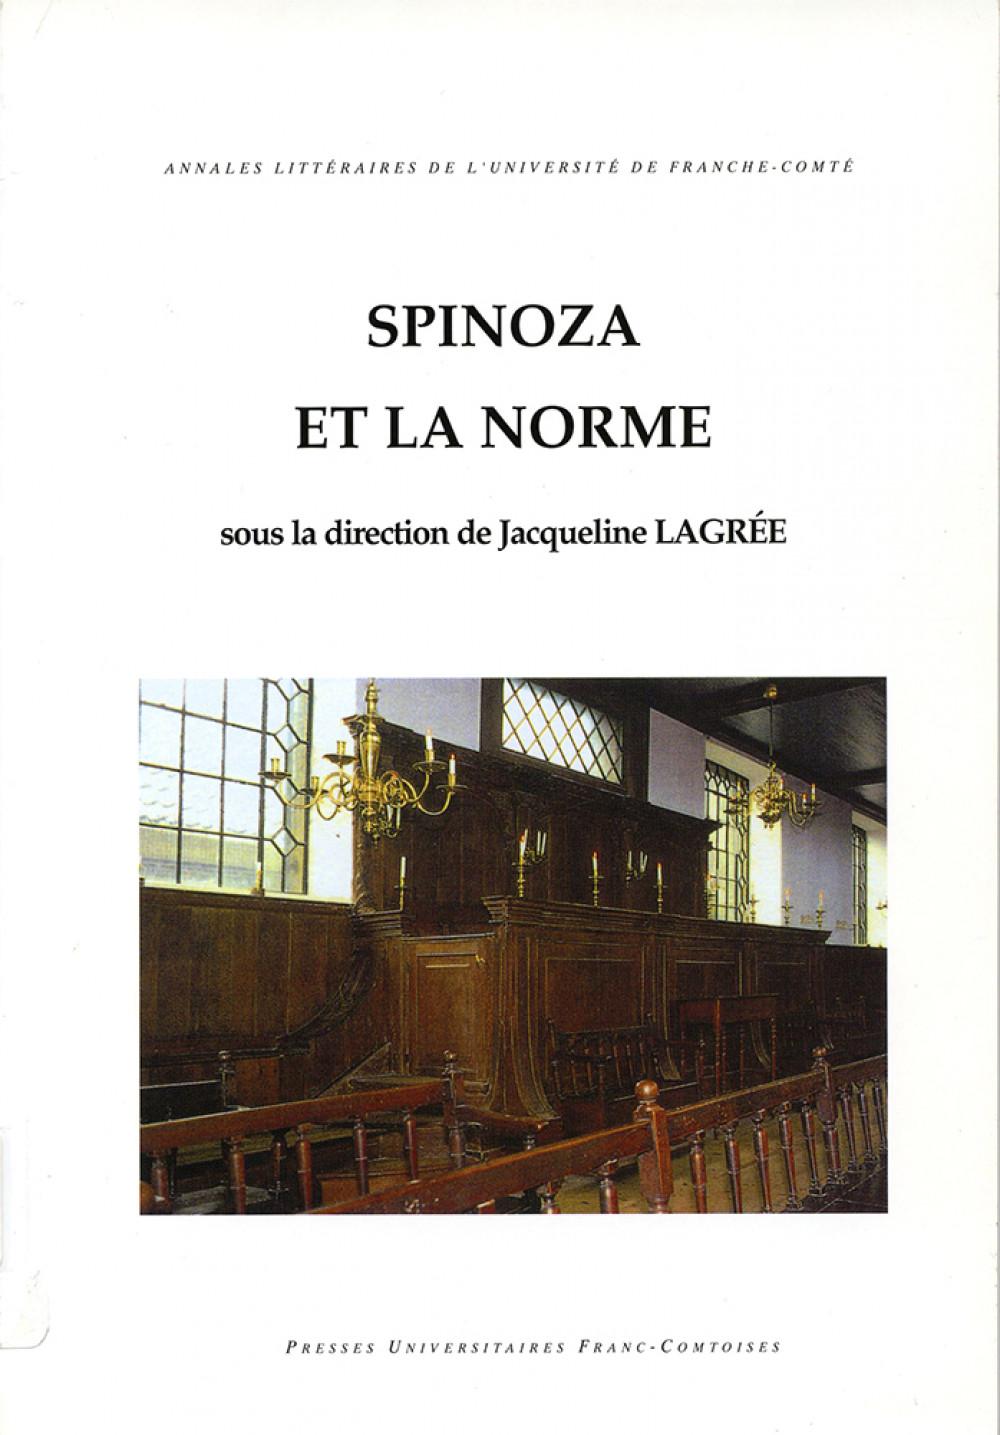 Spinoza et la norme